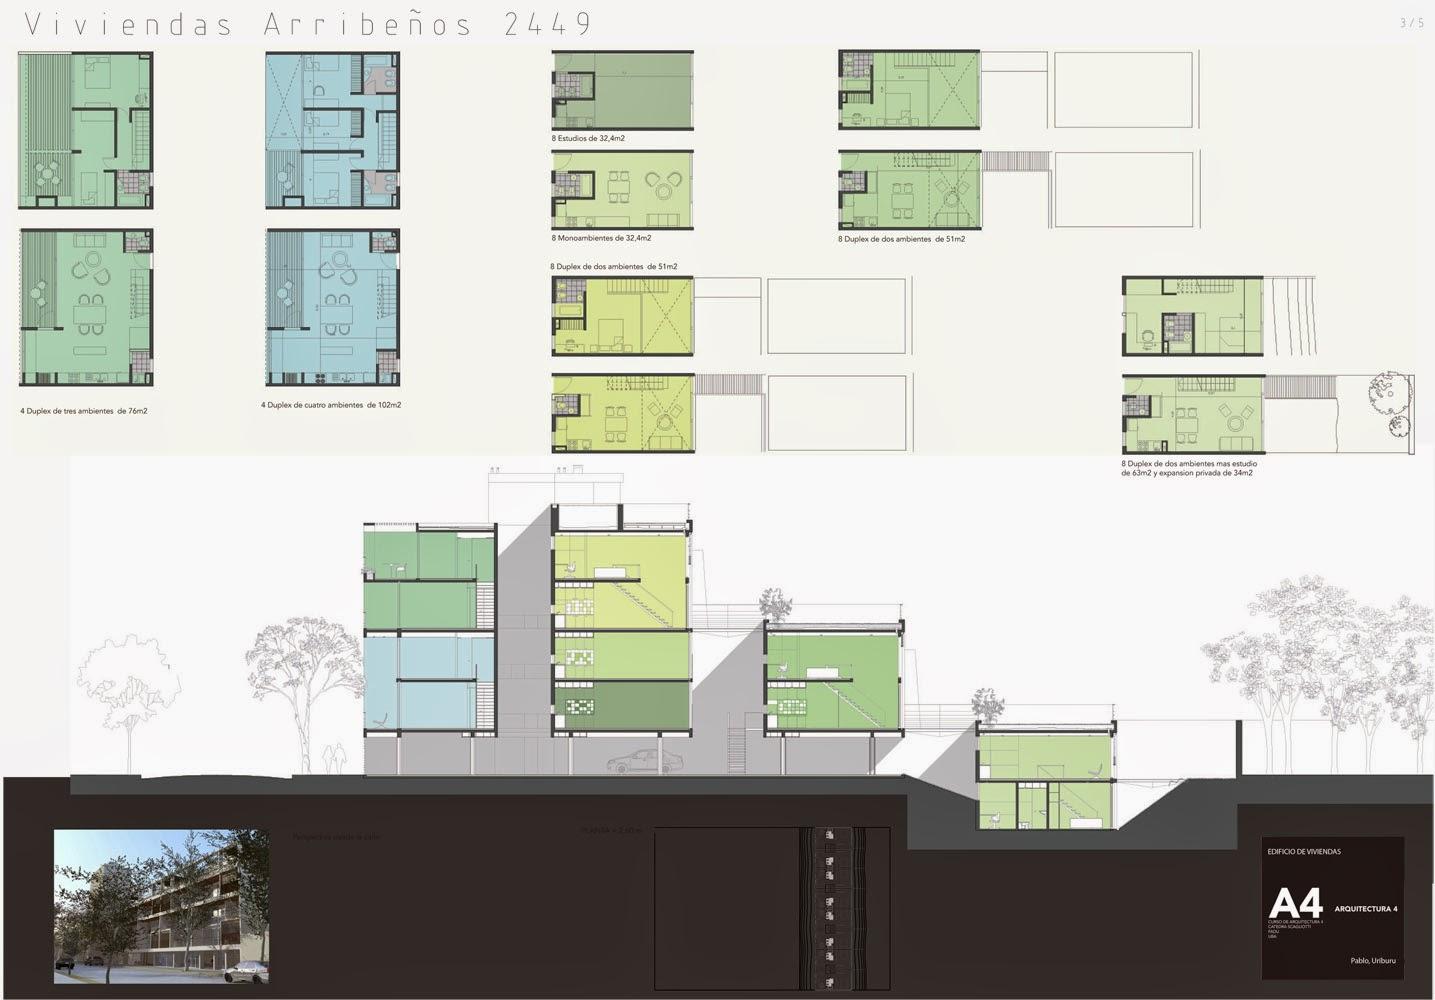 Apuntes revista digital de arquitectura proyecto for Viviendas para terrazas